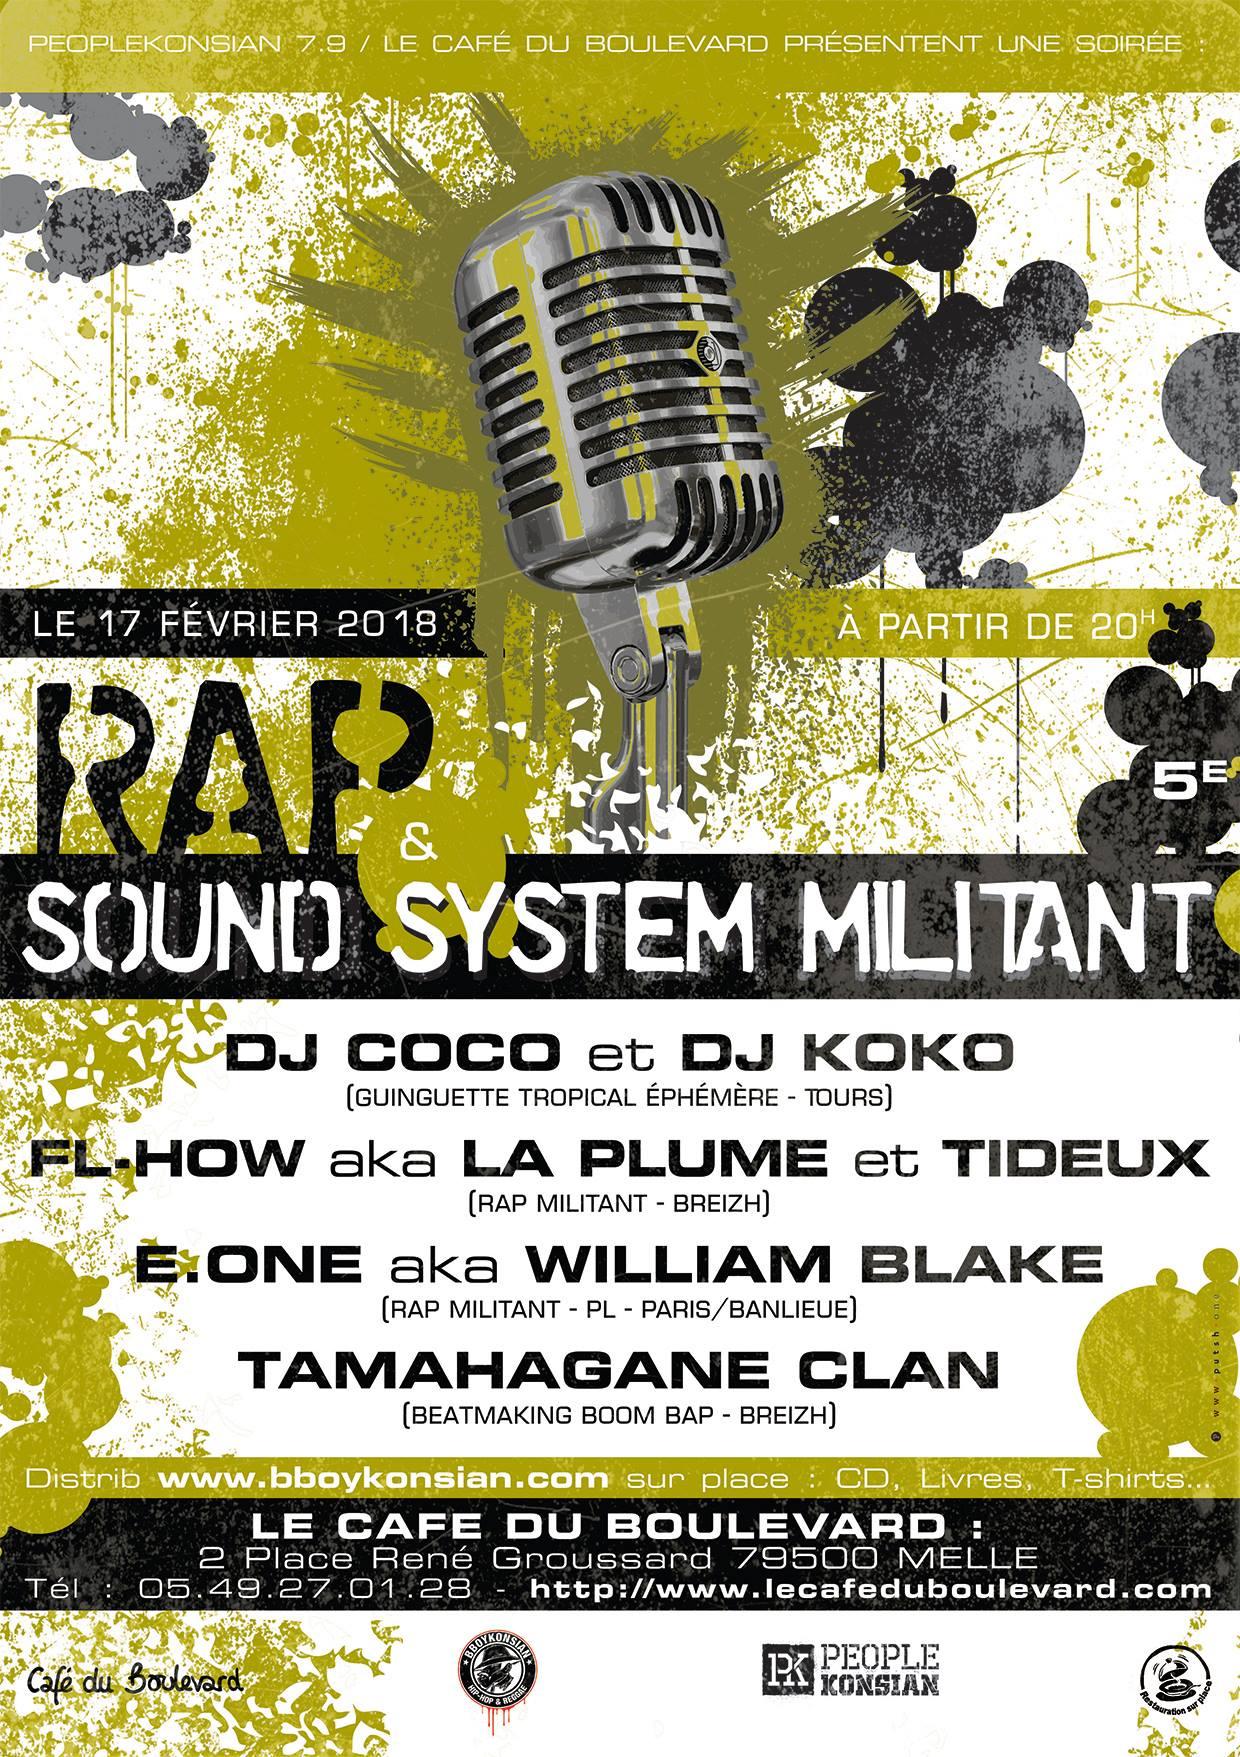 """Soirée """"Rap & Sound System militant #2"""" le 17 février 2018 à Melle (79)"""